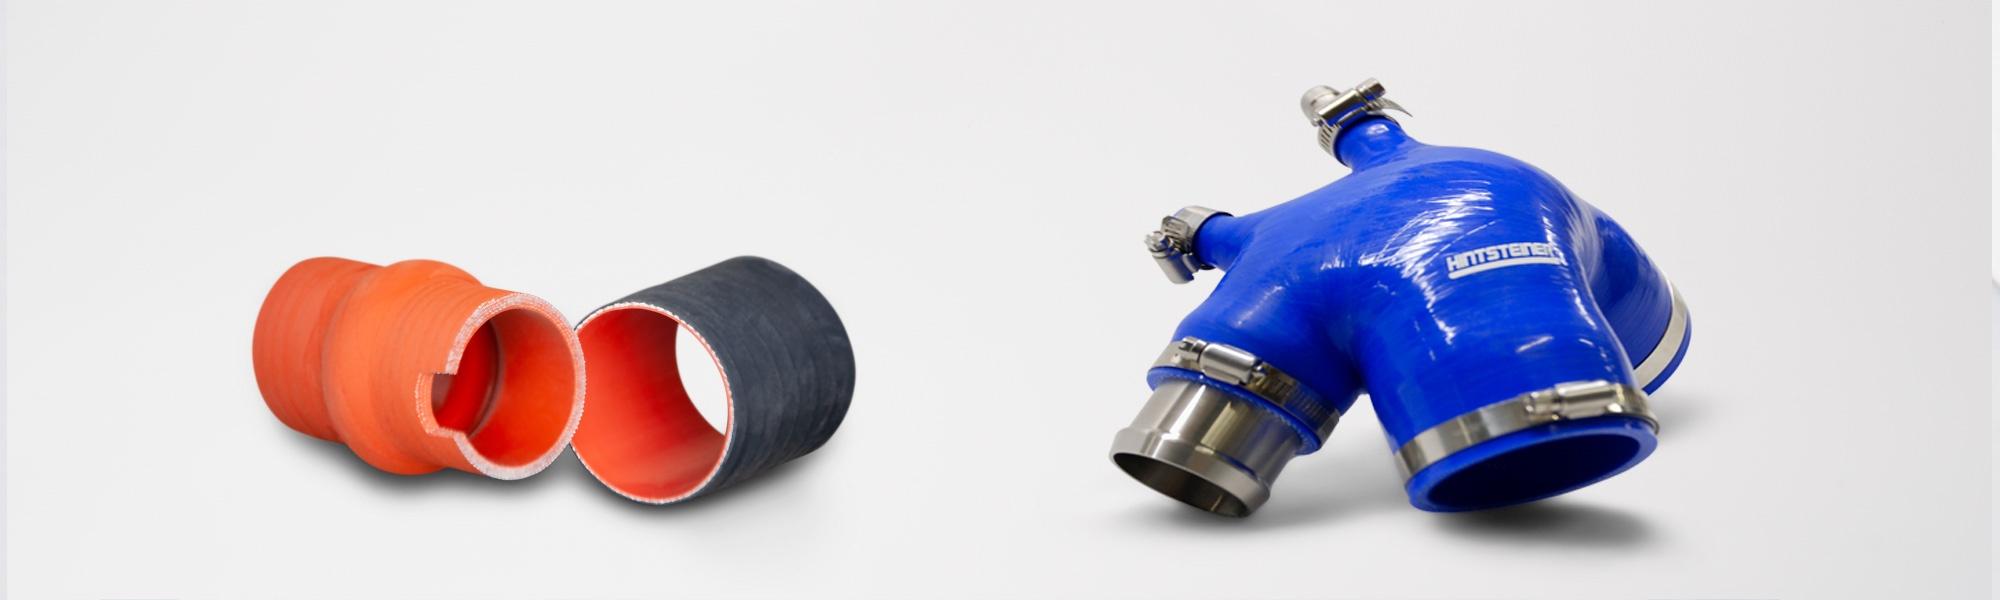 Silikonschlauch Formschlauch Prototypen kraftstoffresistent.jpg